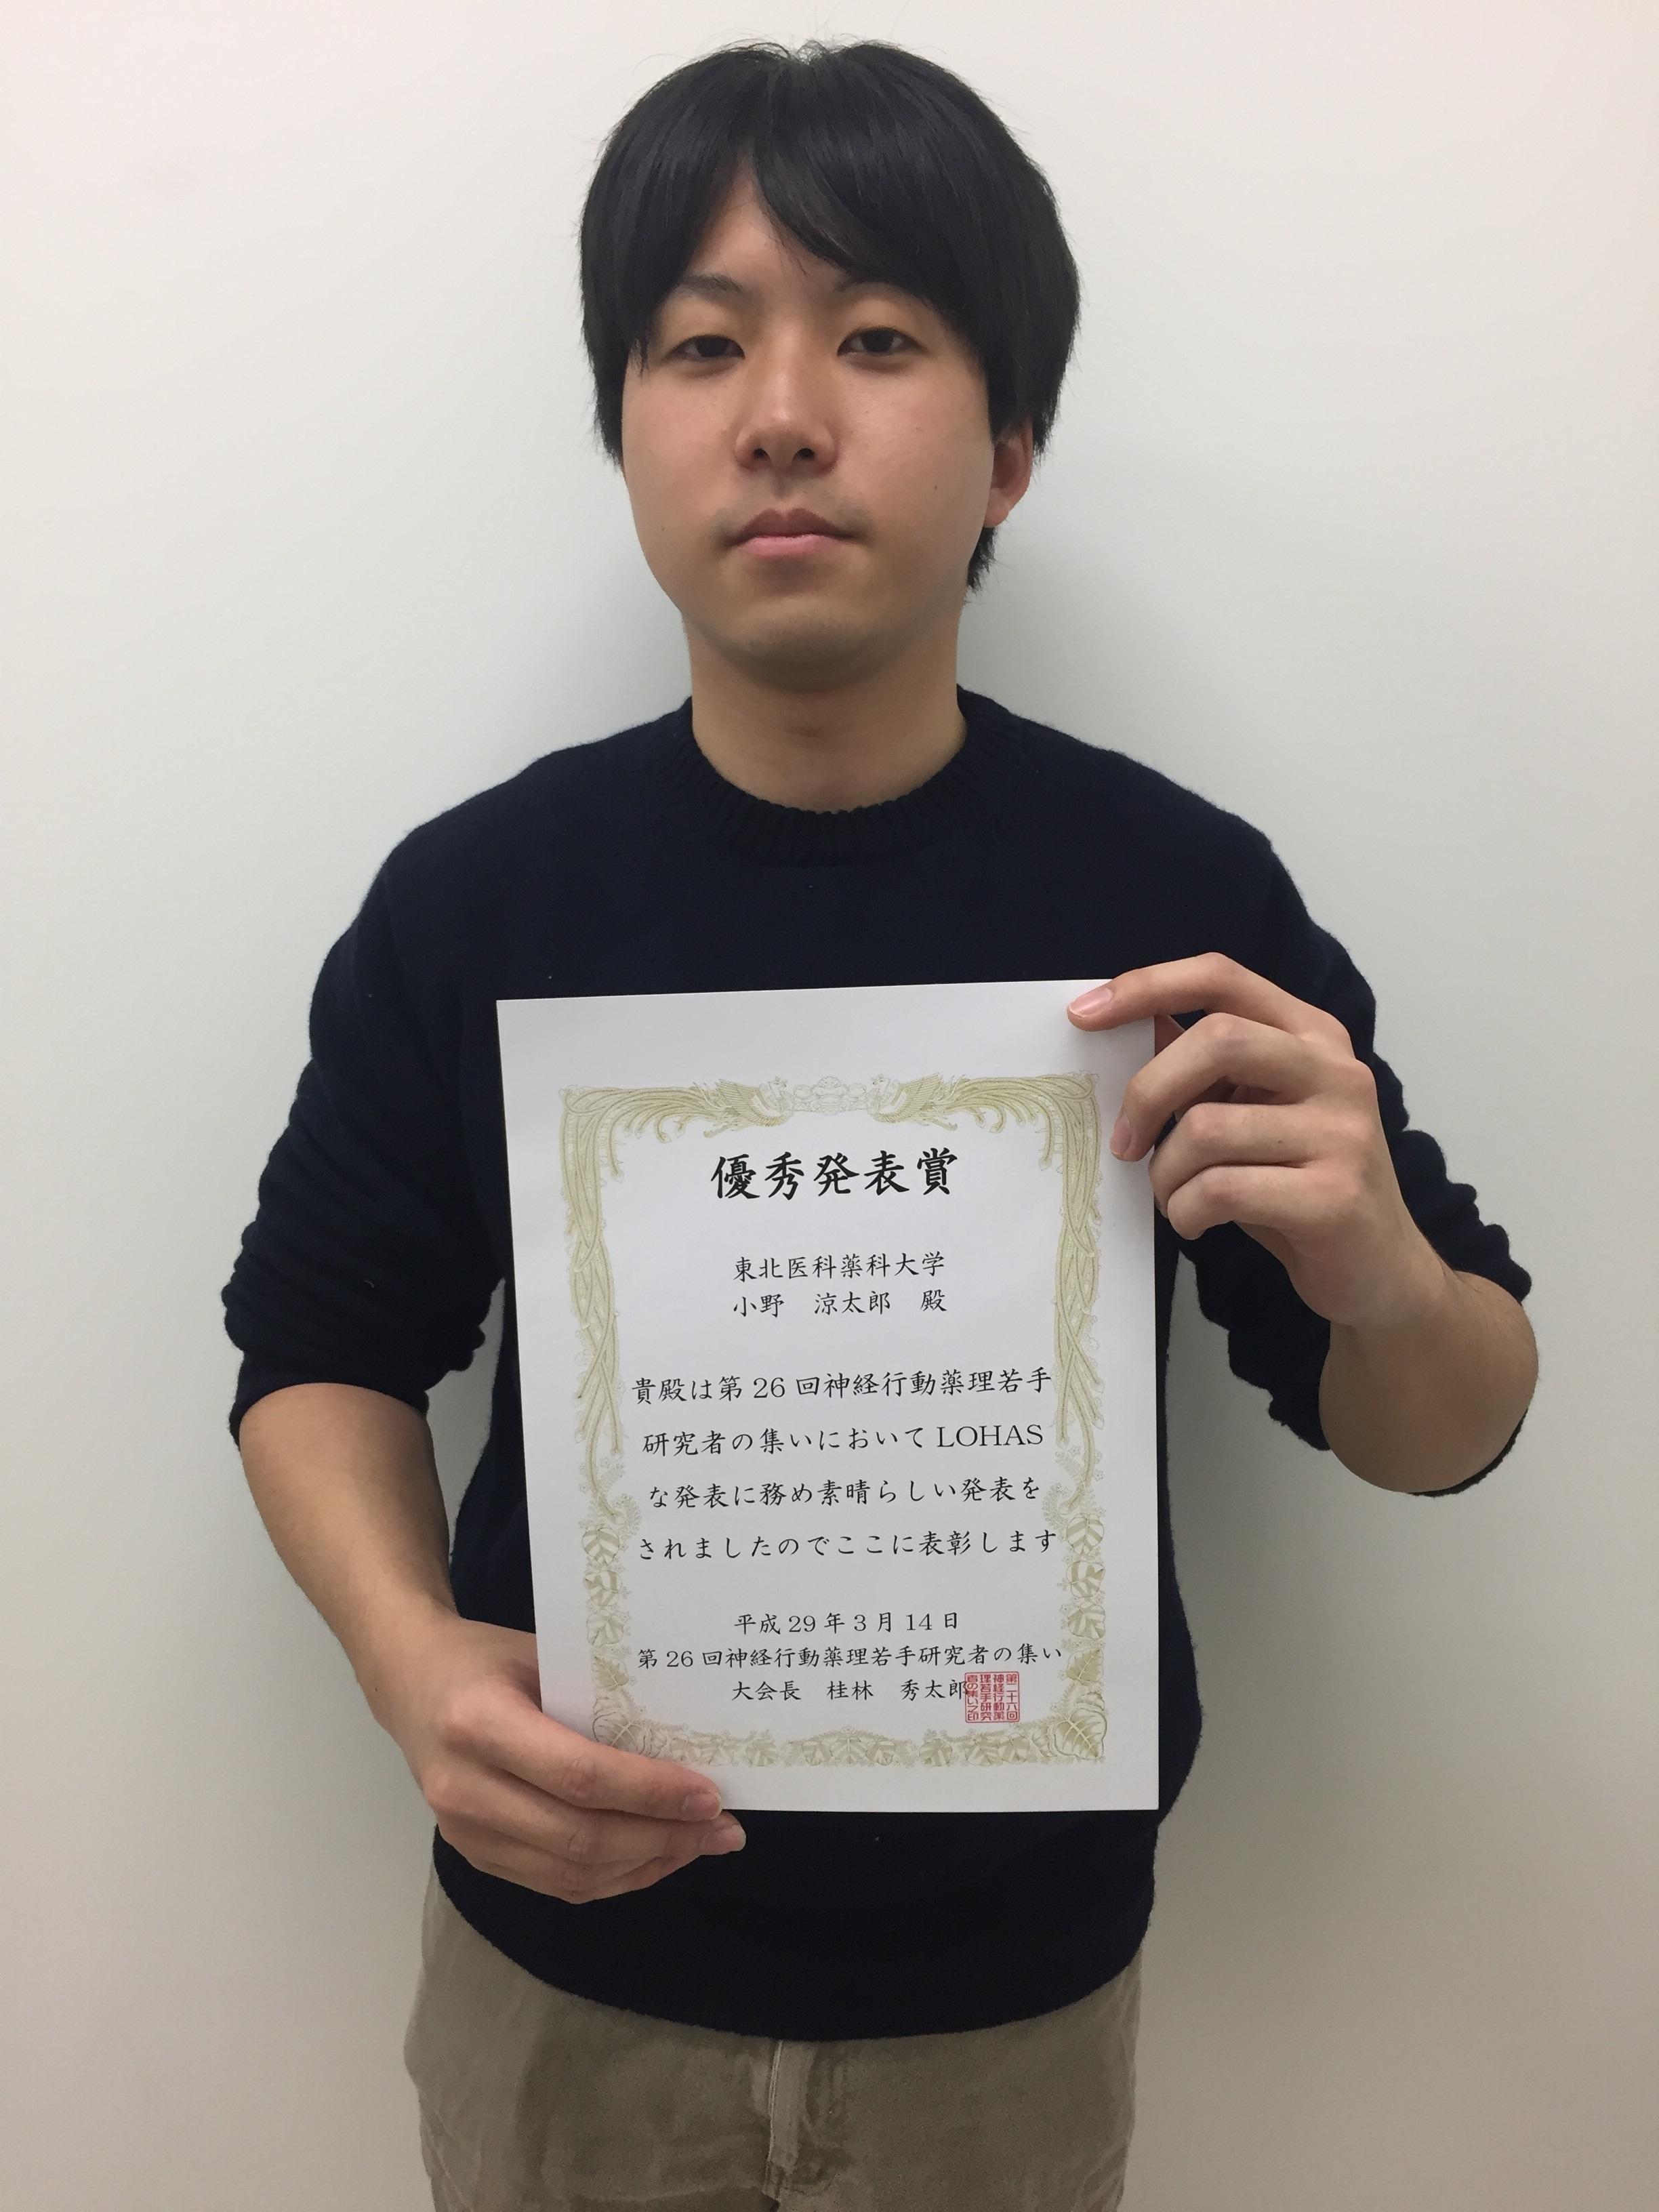 優秀発表賞 小野涼太郎